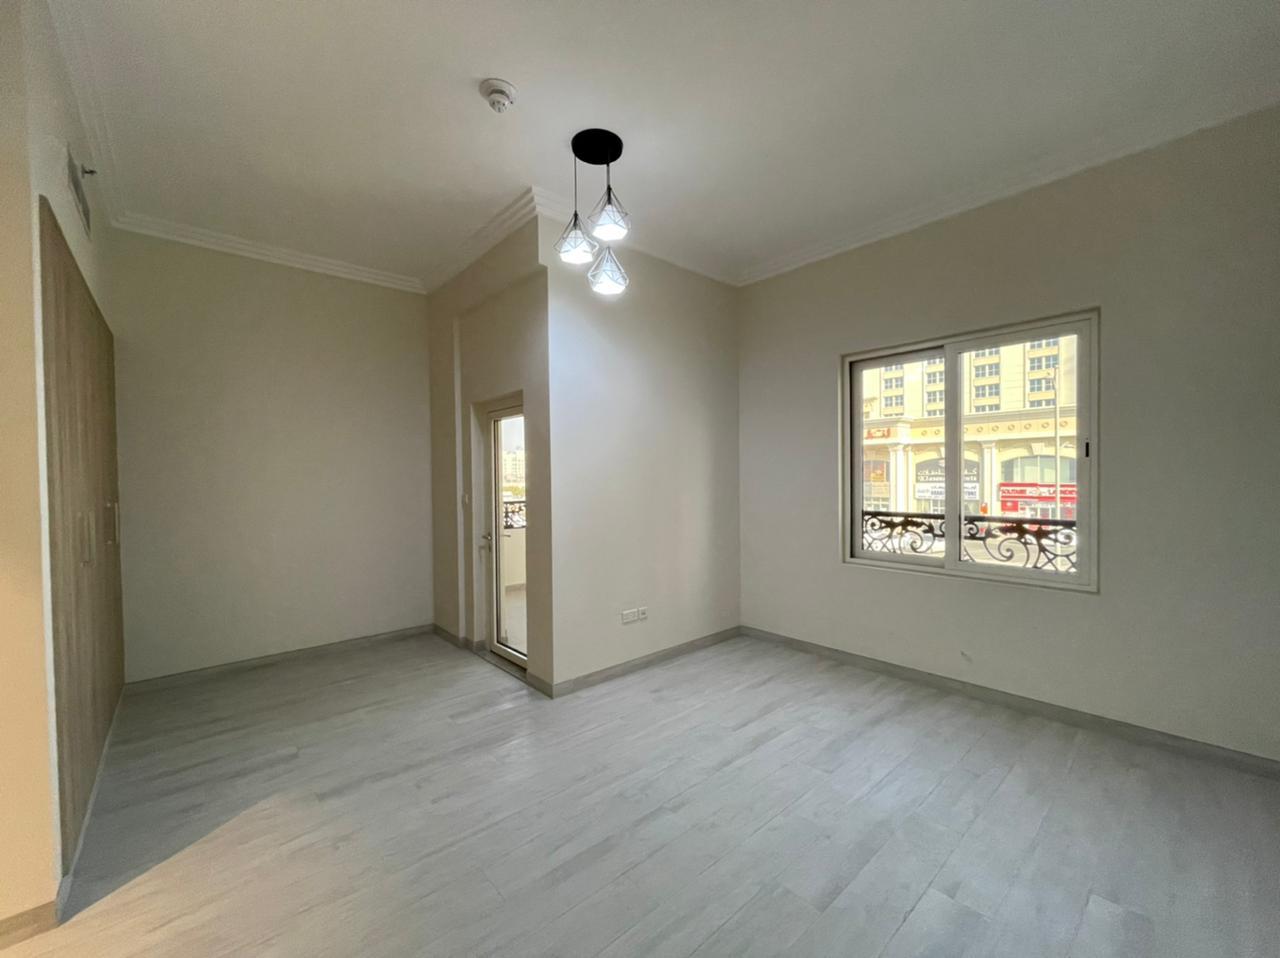 Premium Brand New 1 Bedroom Apartments - Image 2